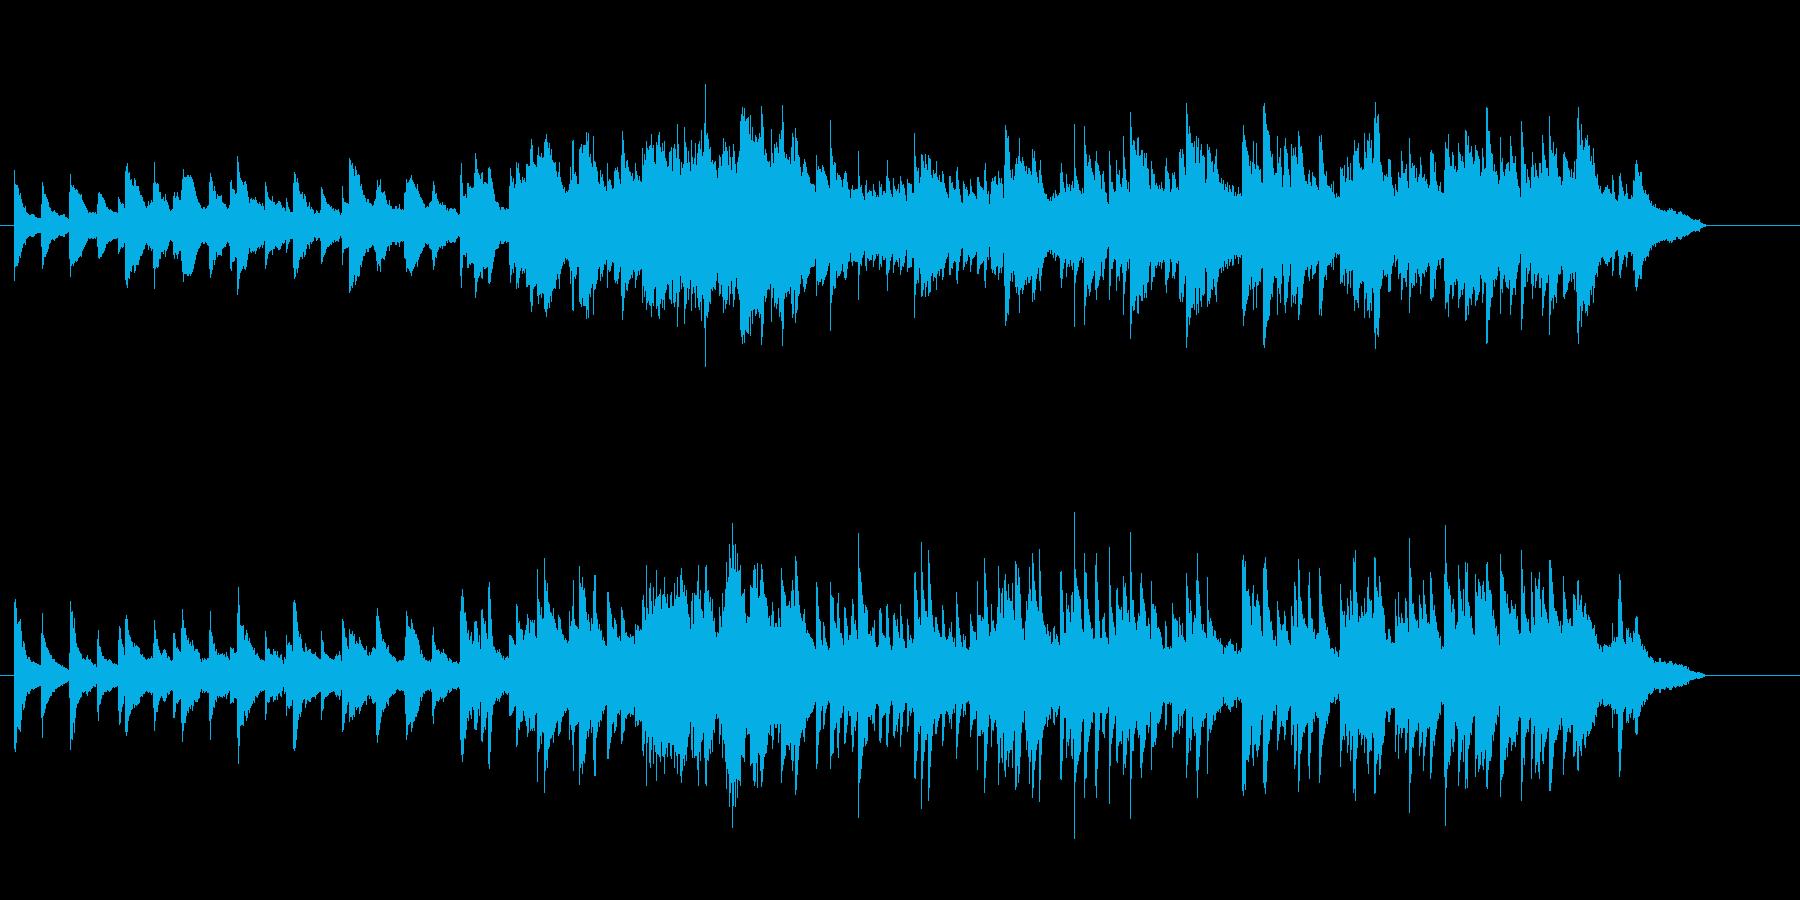 優しいピアノとストリングス曲 映像向けの再生済みの波形